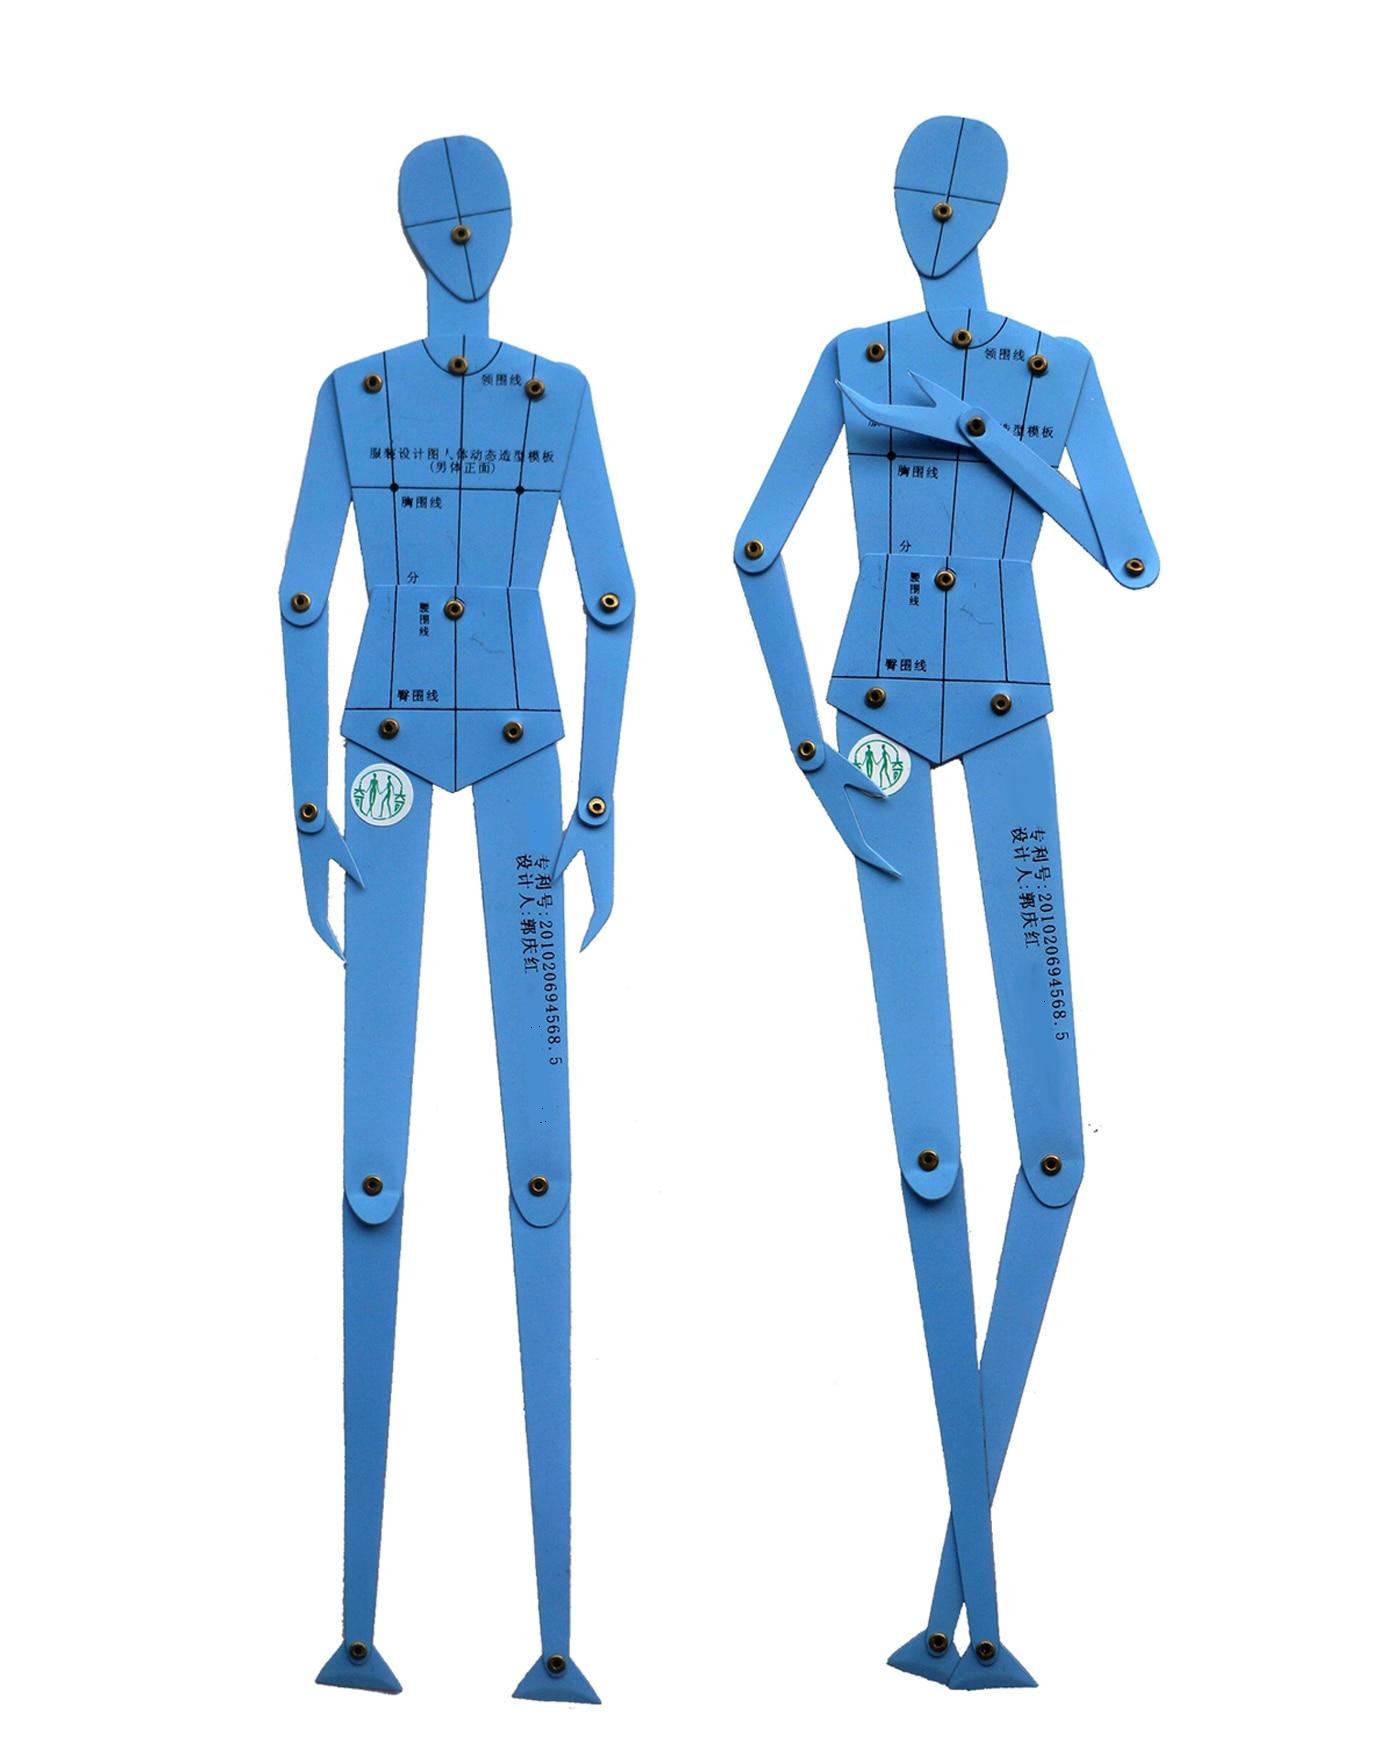 Fashion Body Figure Template Premium Vector 12